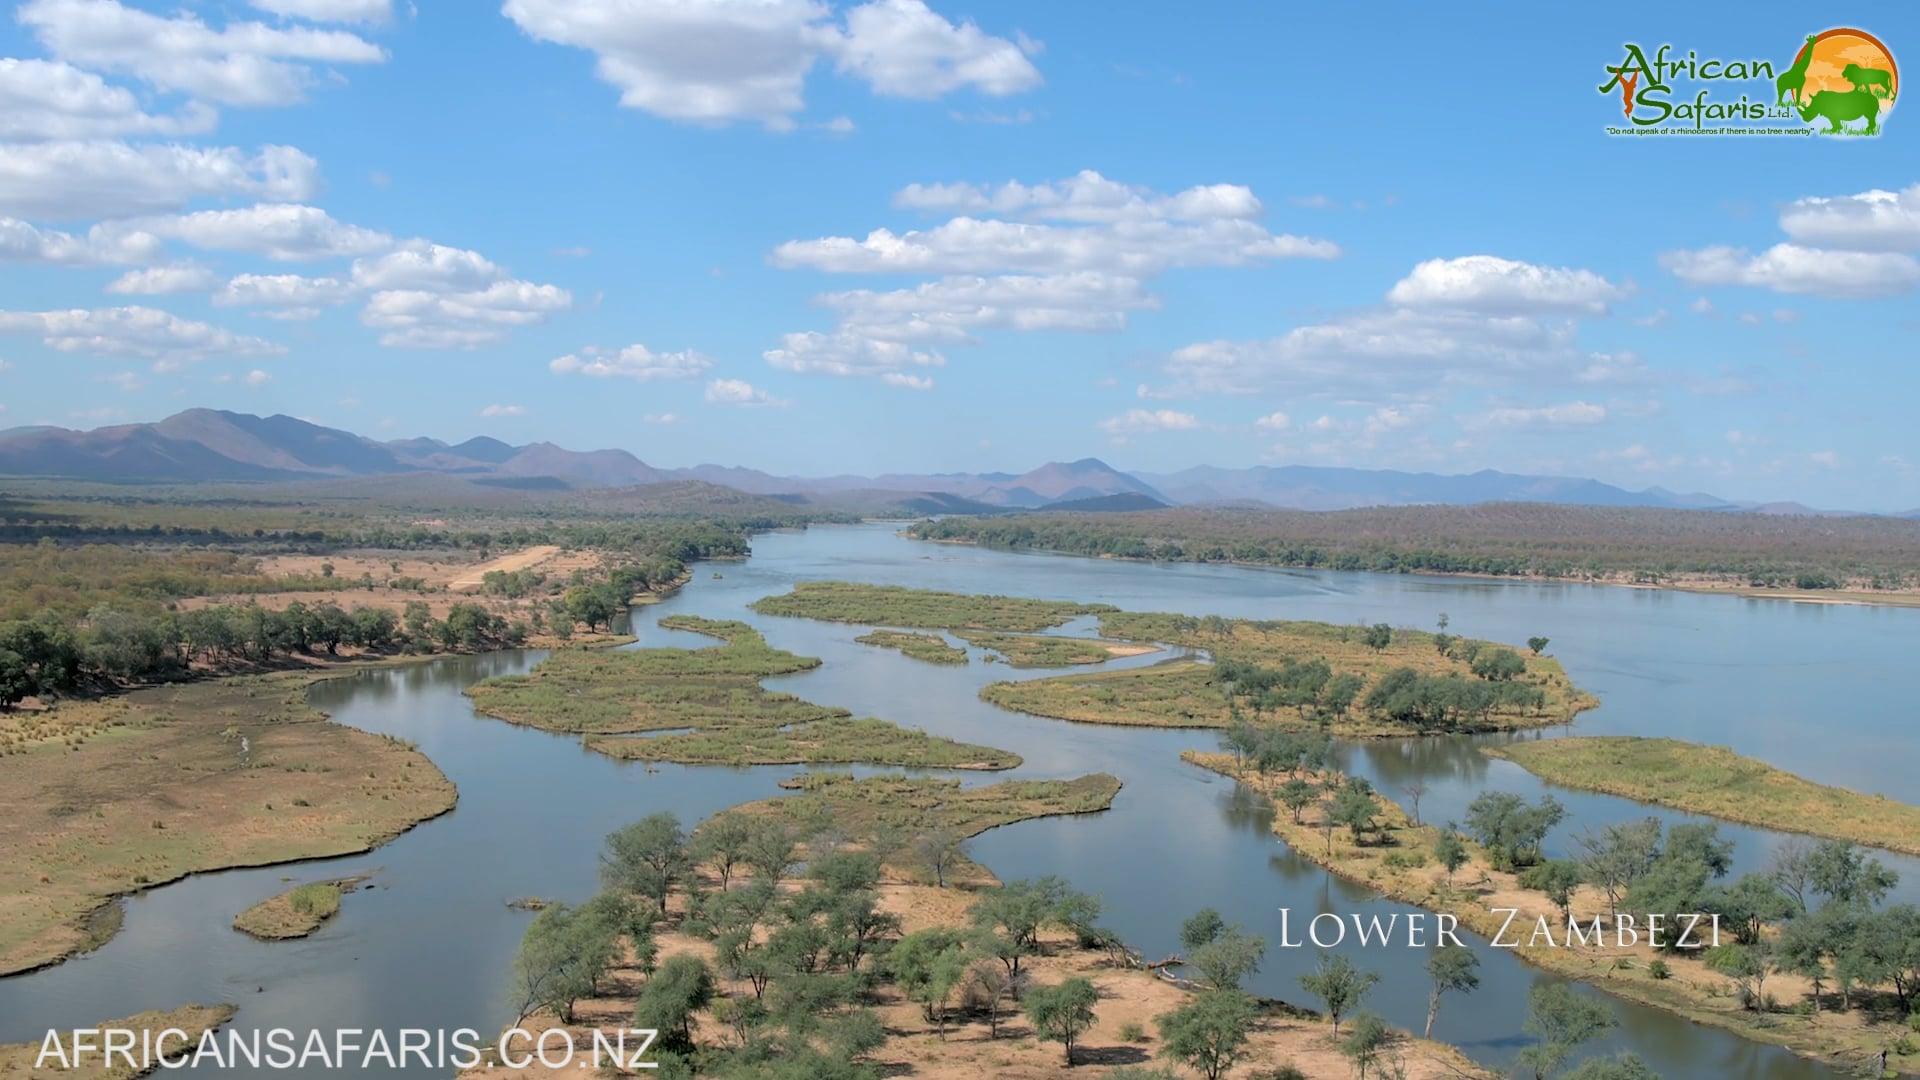 Lower Zambezi National Park, Zambia